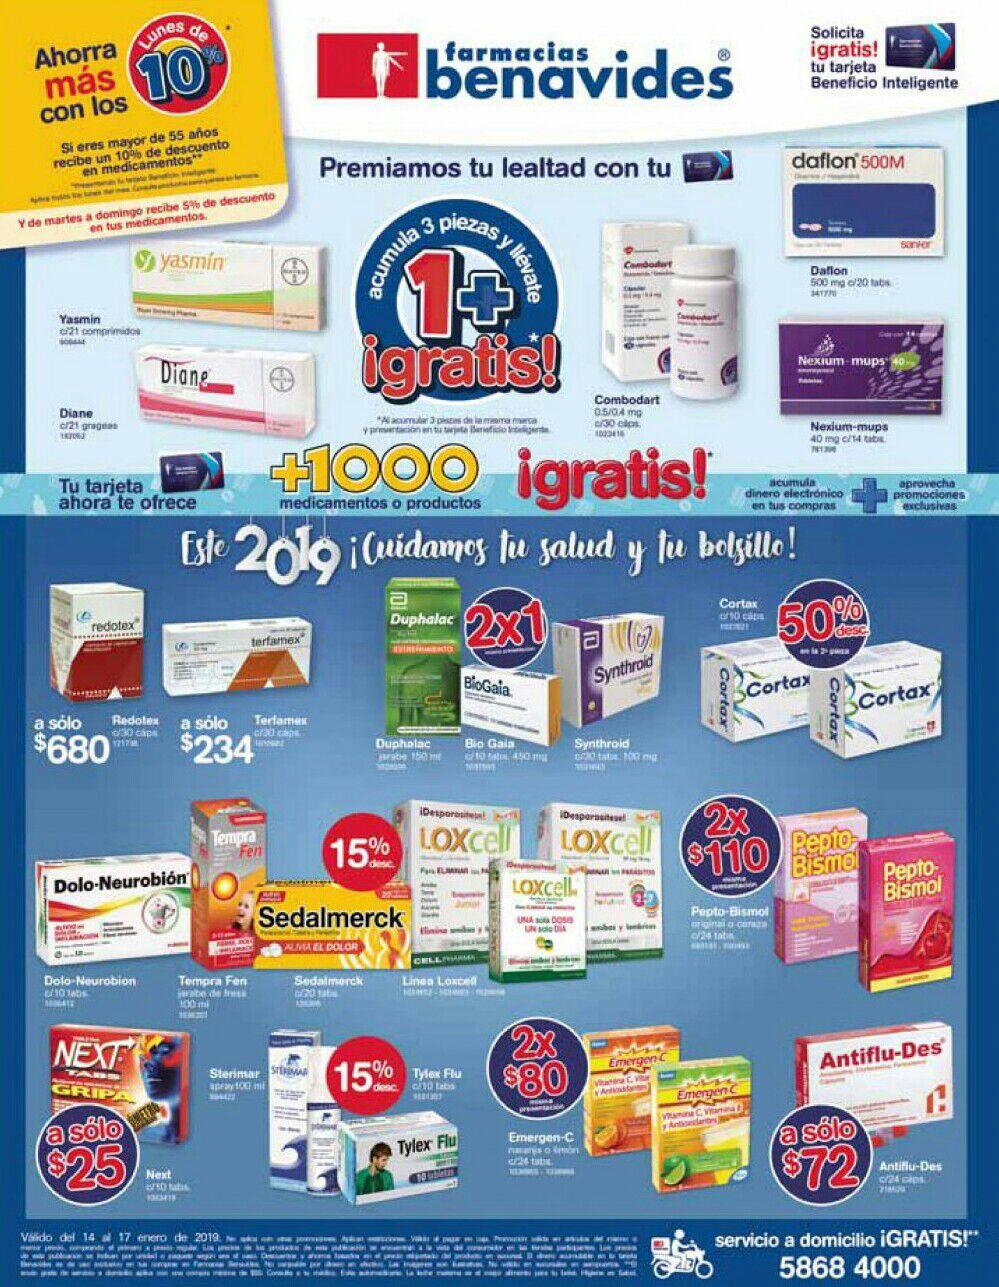 Farmacias Benavides: Ofertas del Lunes 14 al Jueves 17 de Enero